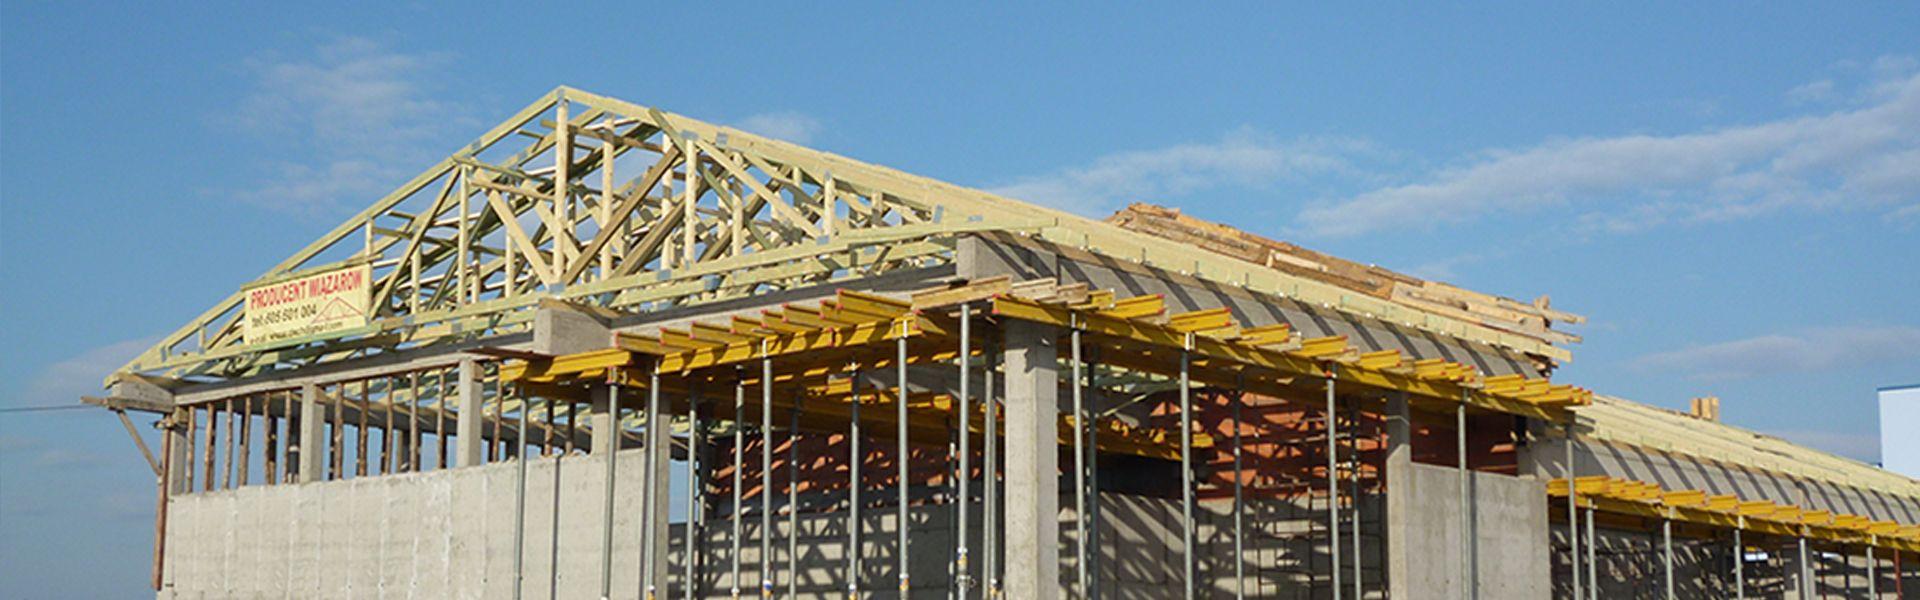 4-wiazary-dachowe-lodz-konstrukcje-dachowe-kratownice-dachowe-dzwigar-dachowy